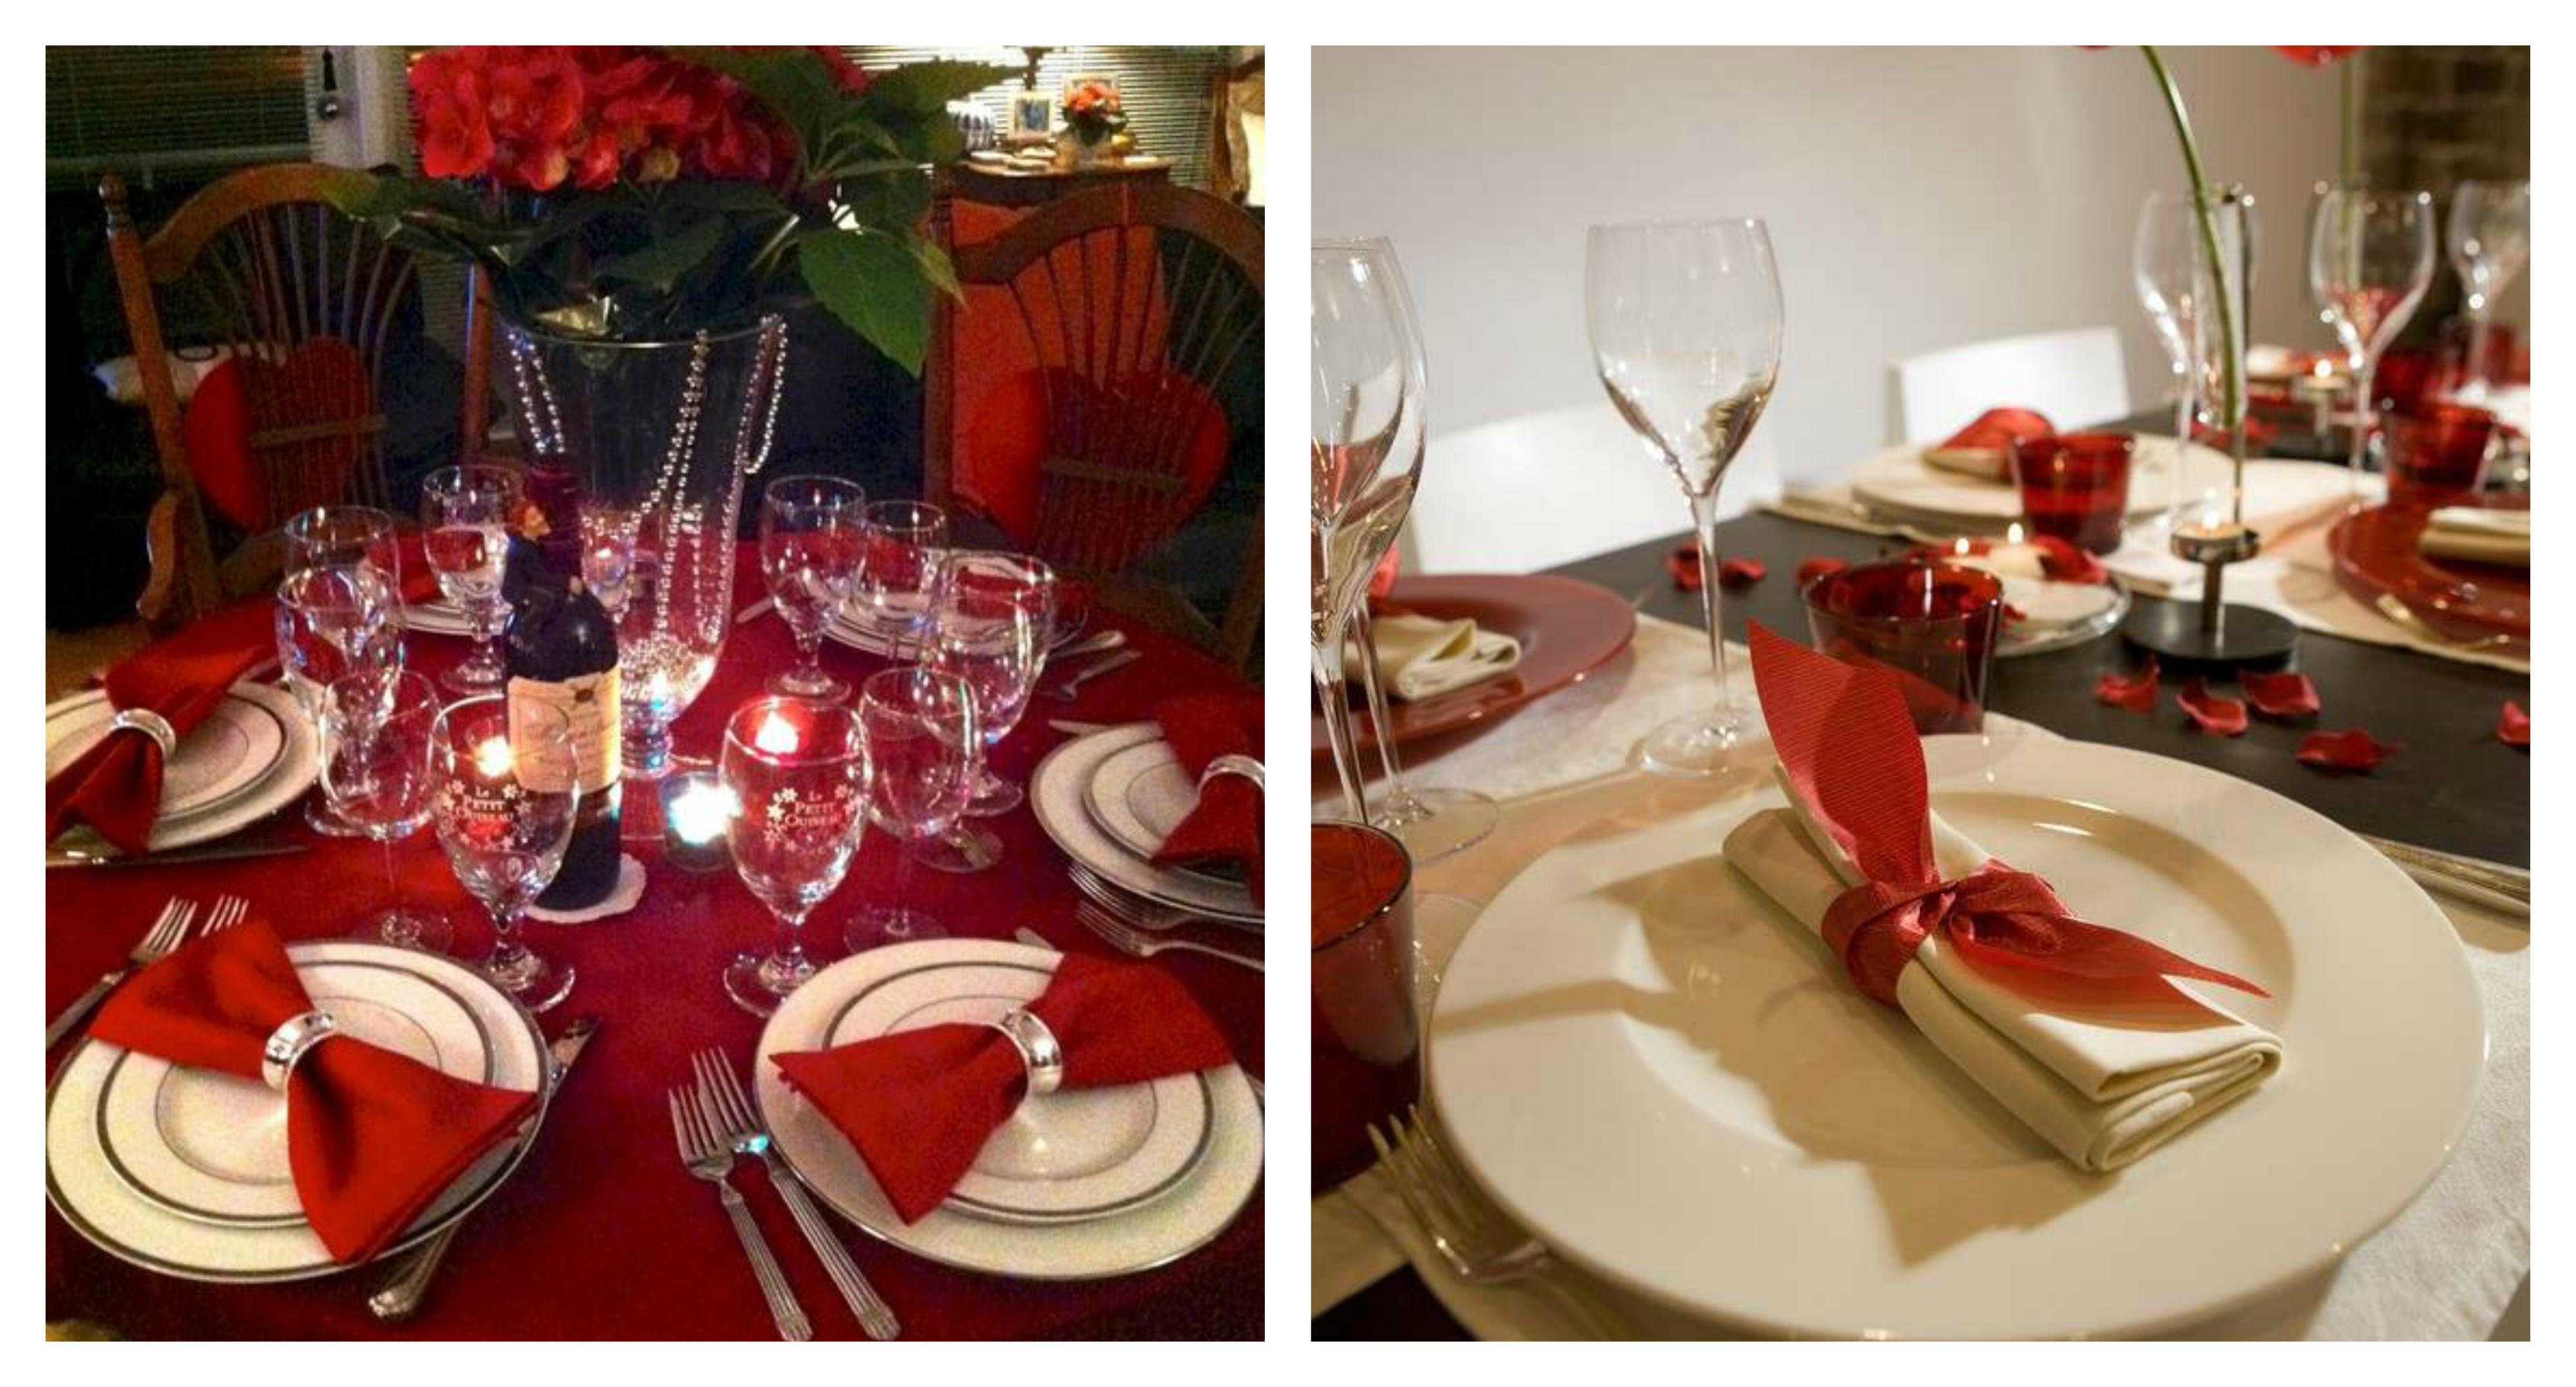 35 idee originali e romantiche per la tavola di san valentino - Tavola di san valentino ...